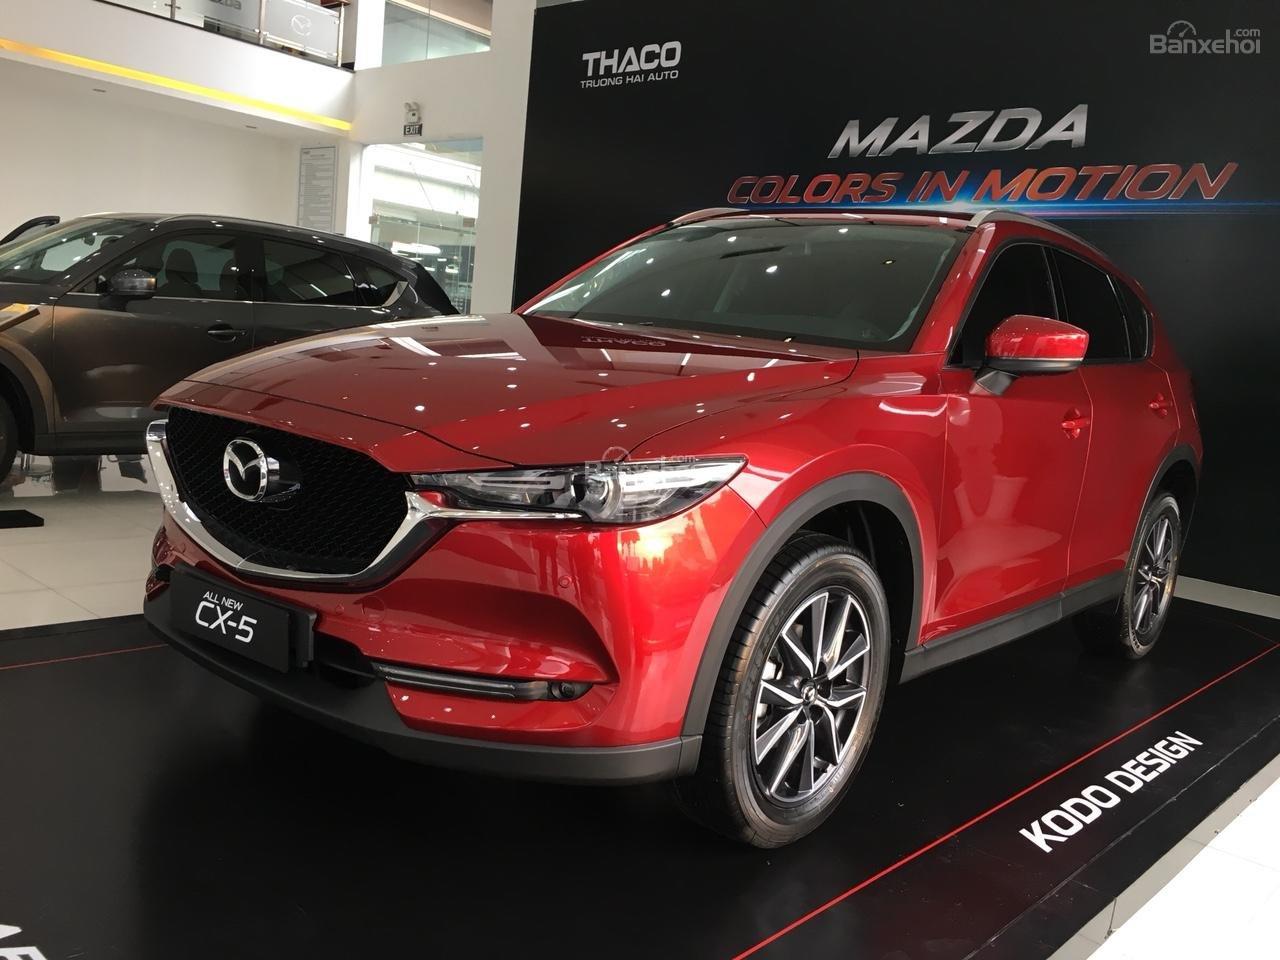 Bán xe Mazda New CX5 2019 đầy đủ màu có xe giao ngay giảm trực tiếp 32Tr khi liên hệ  0938.907.952-1